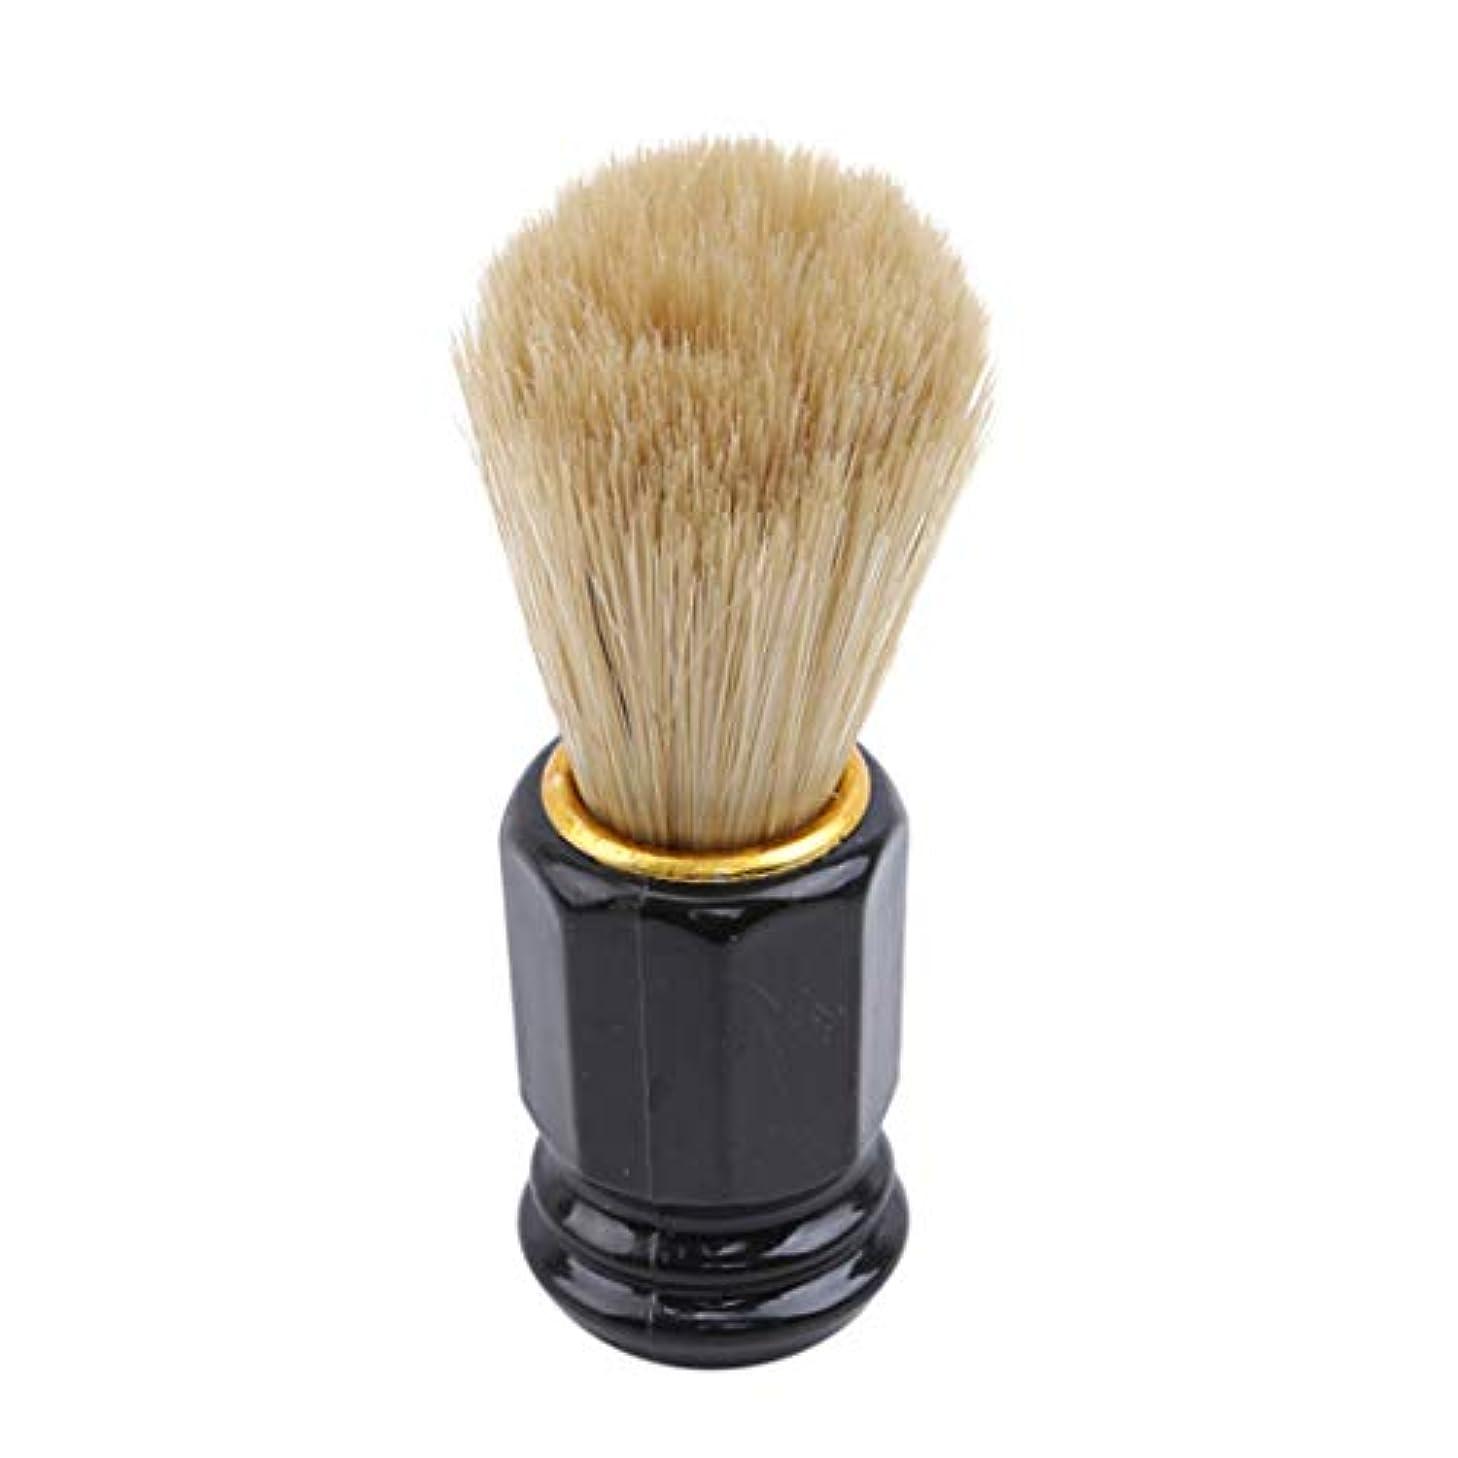 瞑想感動する脊椎Underleaf 男性フェイスクリーニングシェービングマグブラシボウル理容髭ブラシキット理髪アクセサリー